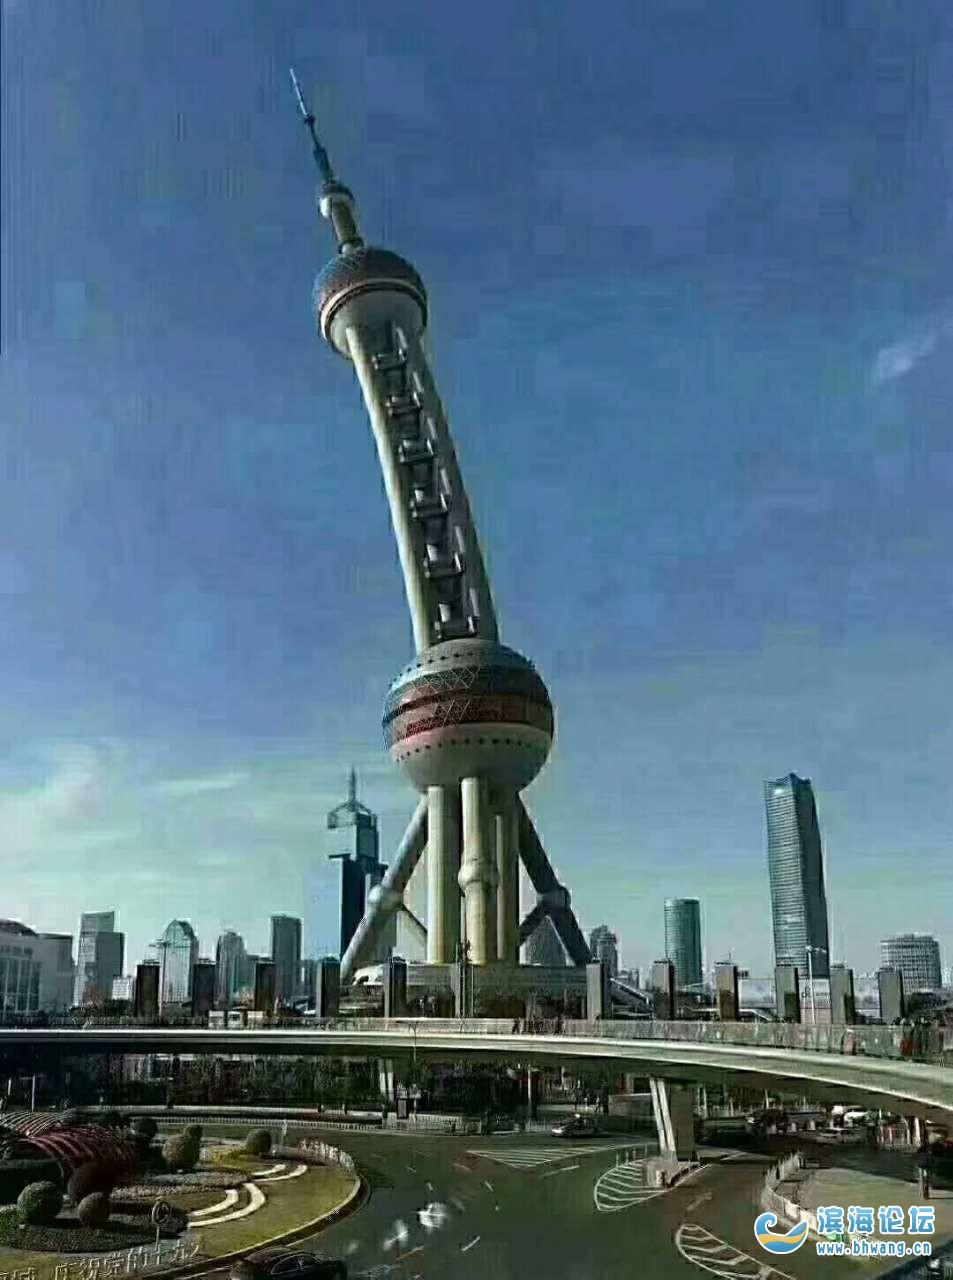 上海今天的台风真大把东方明珠都刮的变样了